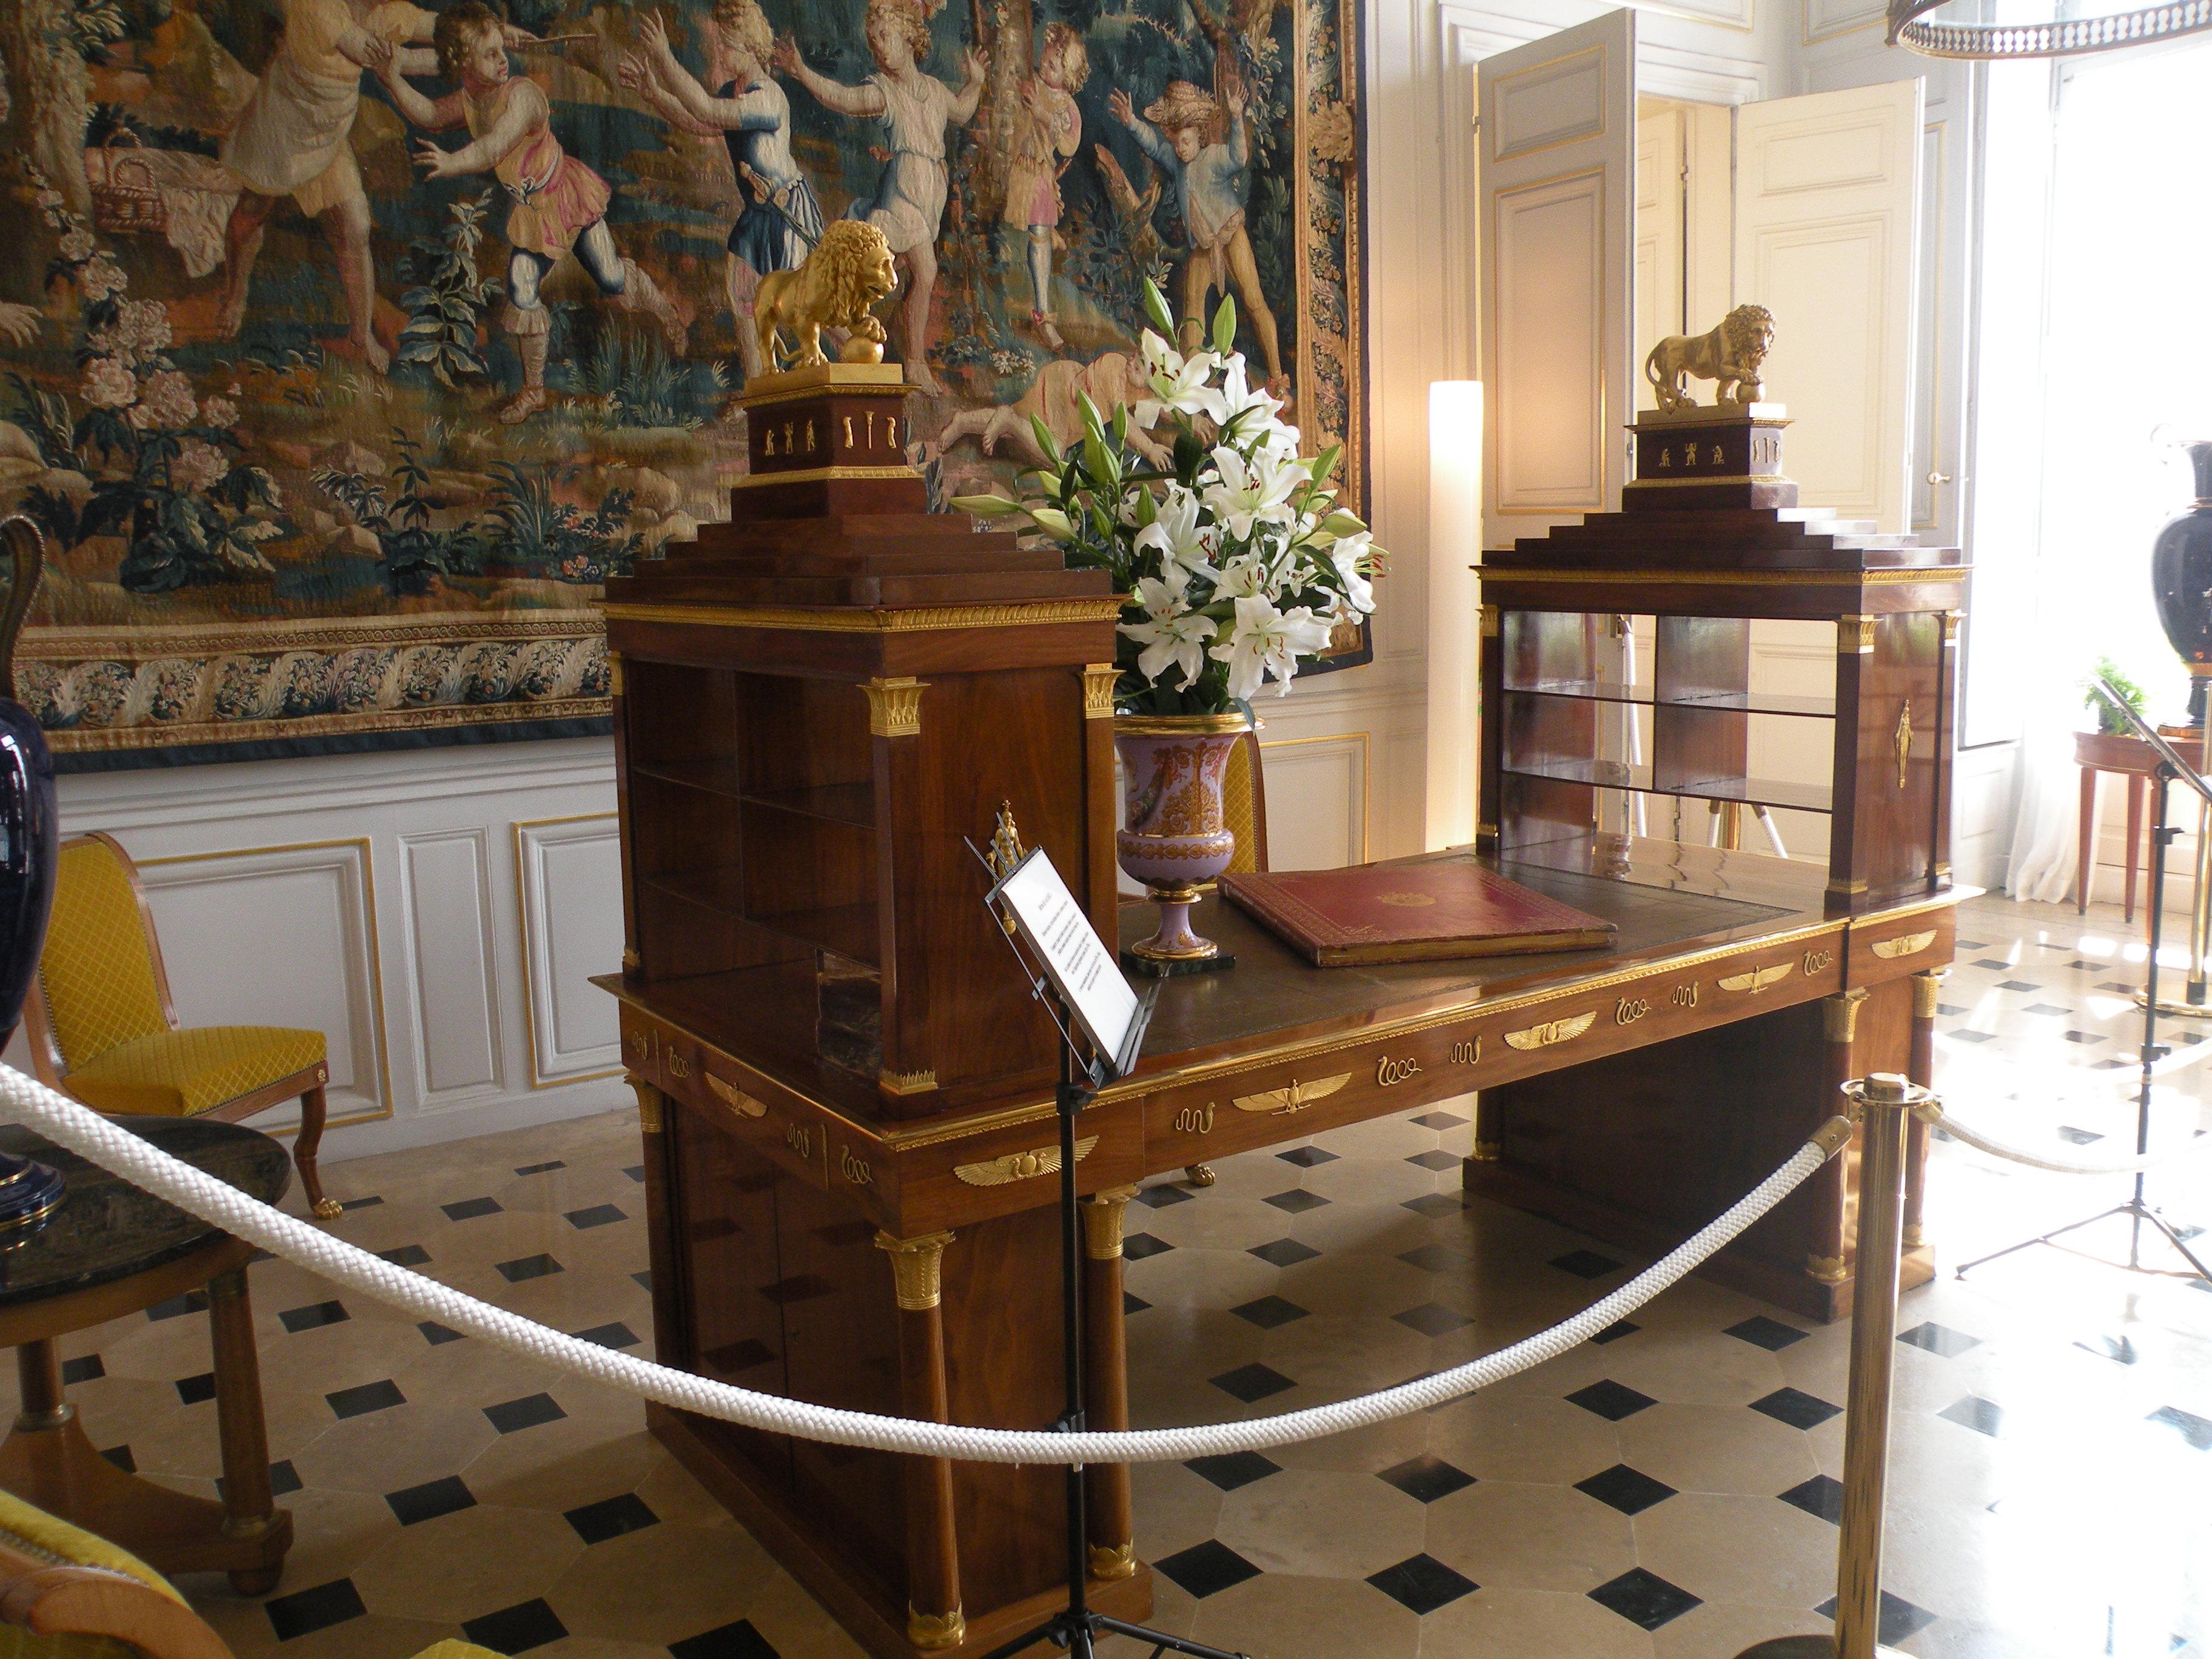 FileBrienne bureau daru 1JPG Wikimedia Commons